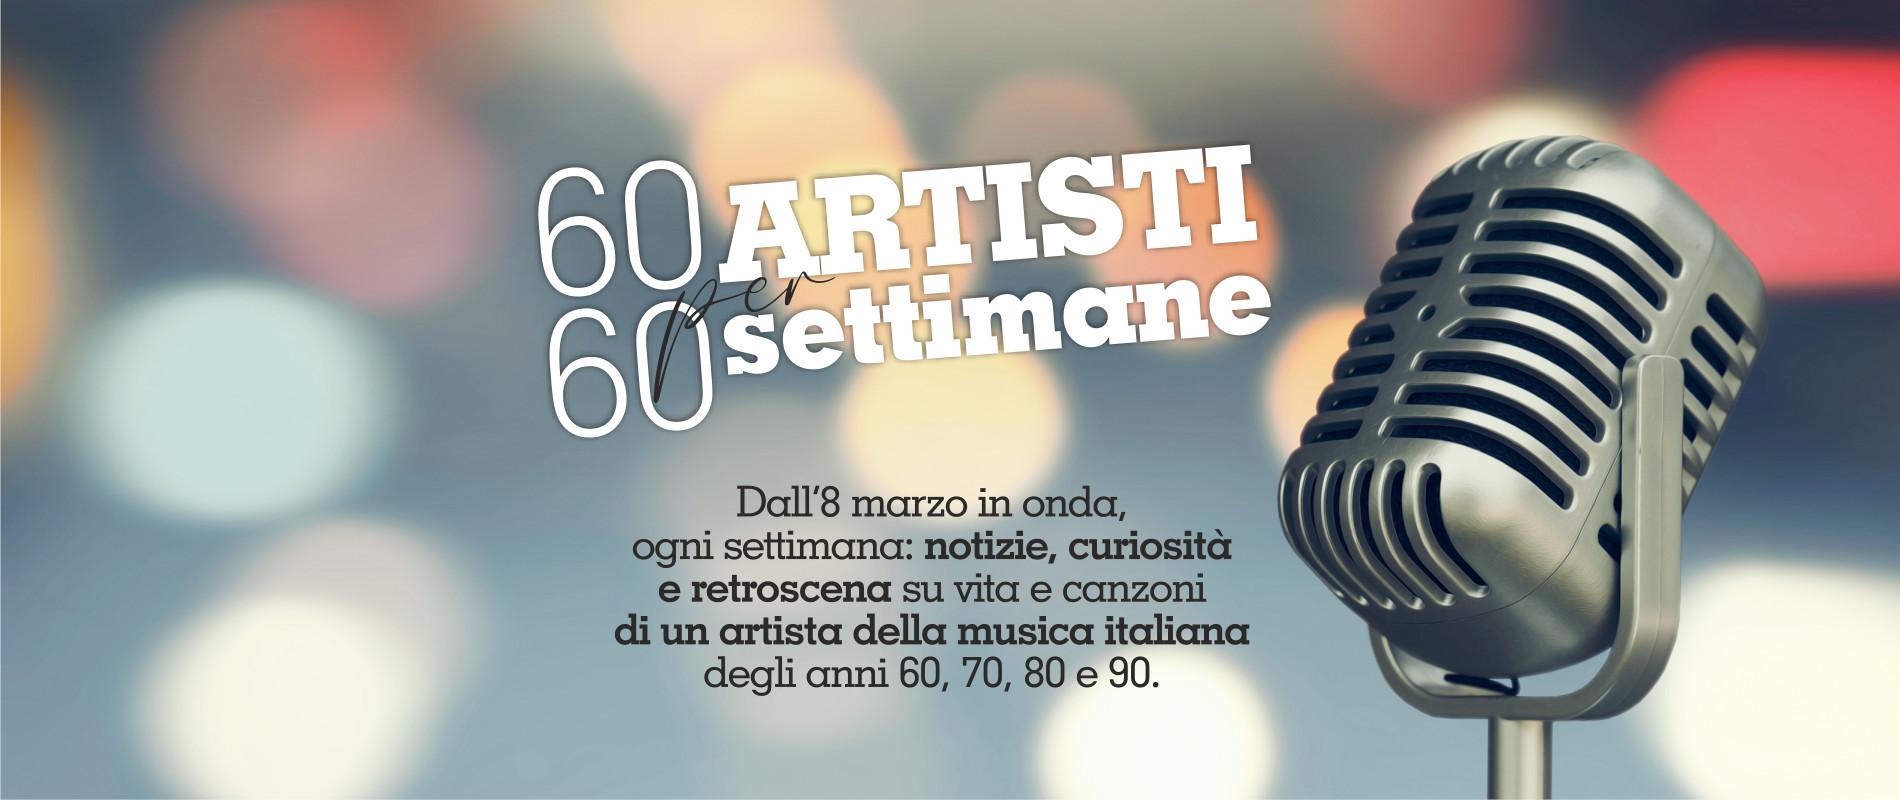 60artisti60settimane_promo